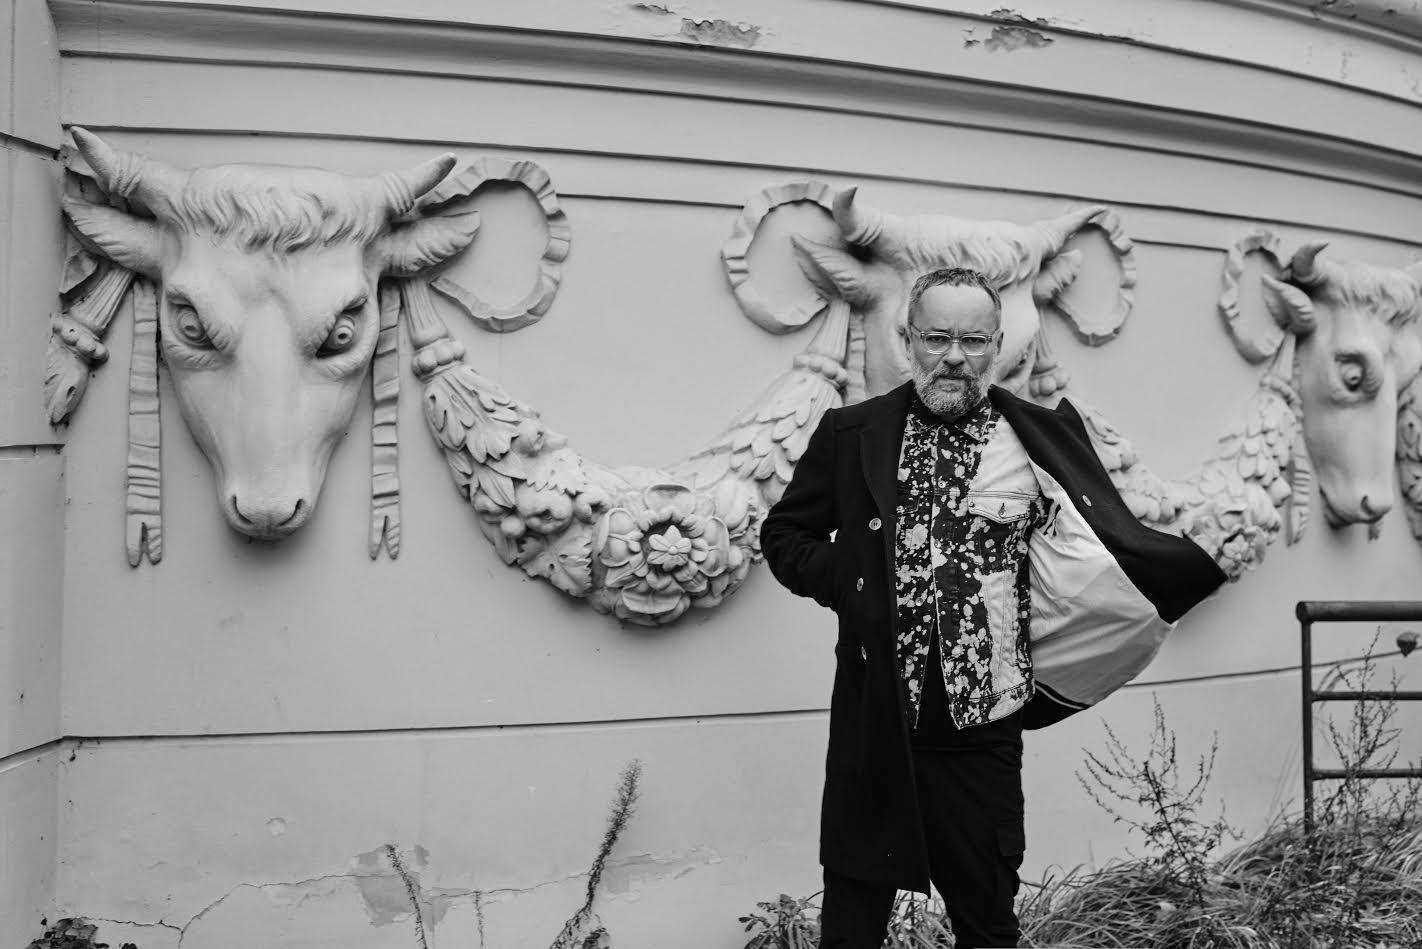 Ignacy Karpowicz, fot. Zuza Krajewska (źródło: materiały prasowe wydawcy)